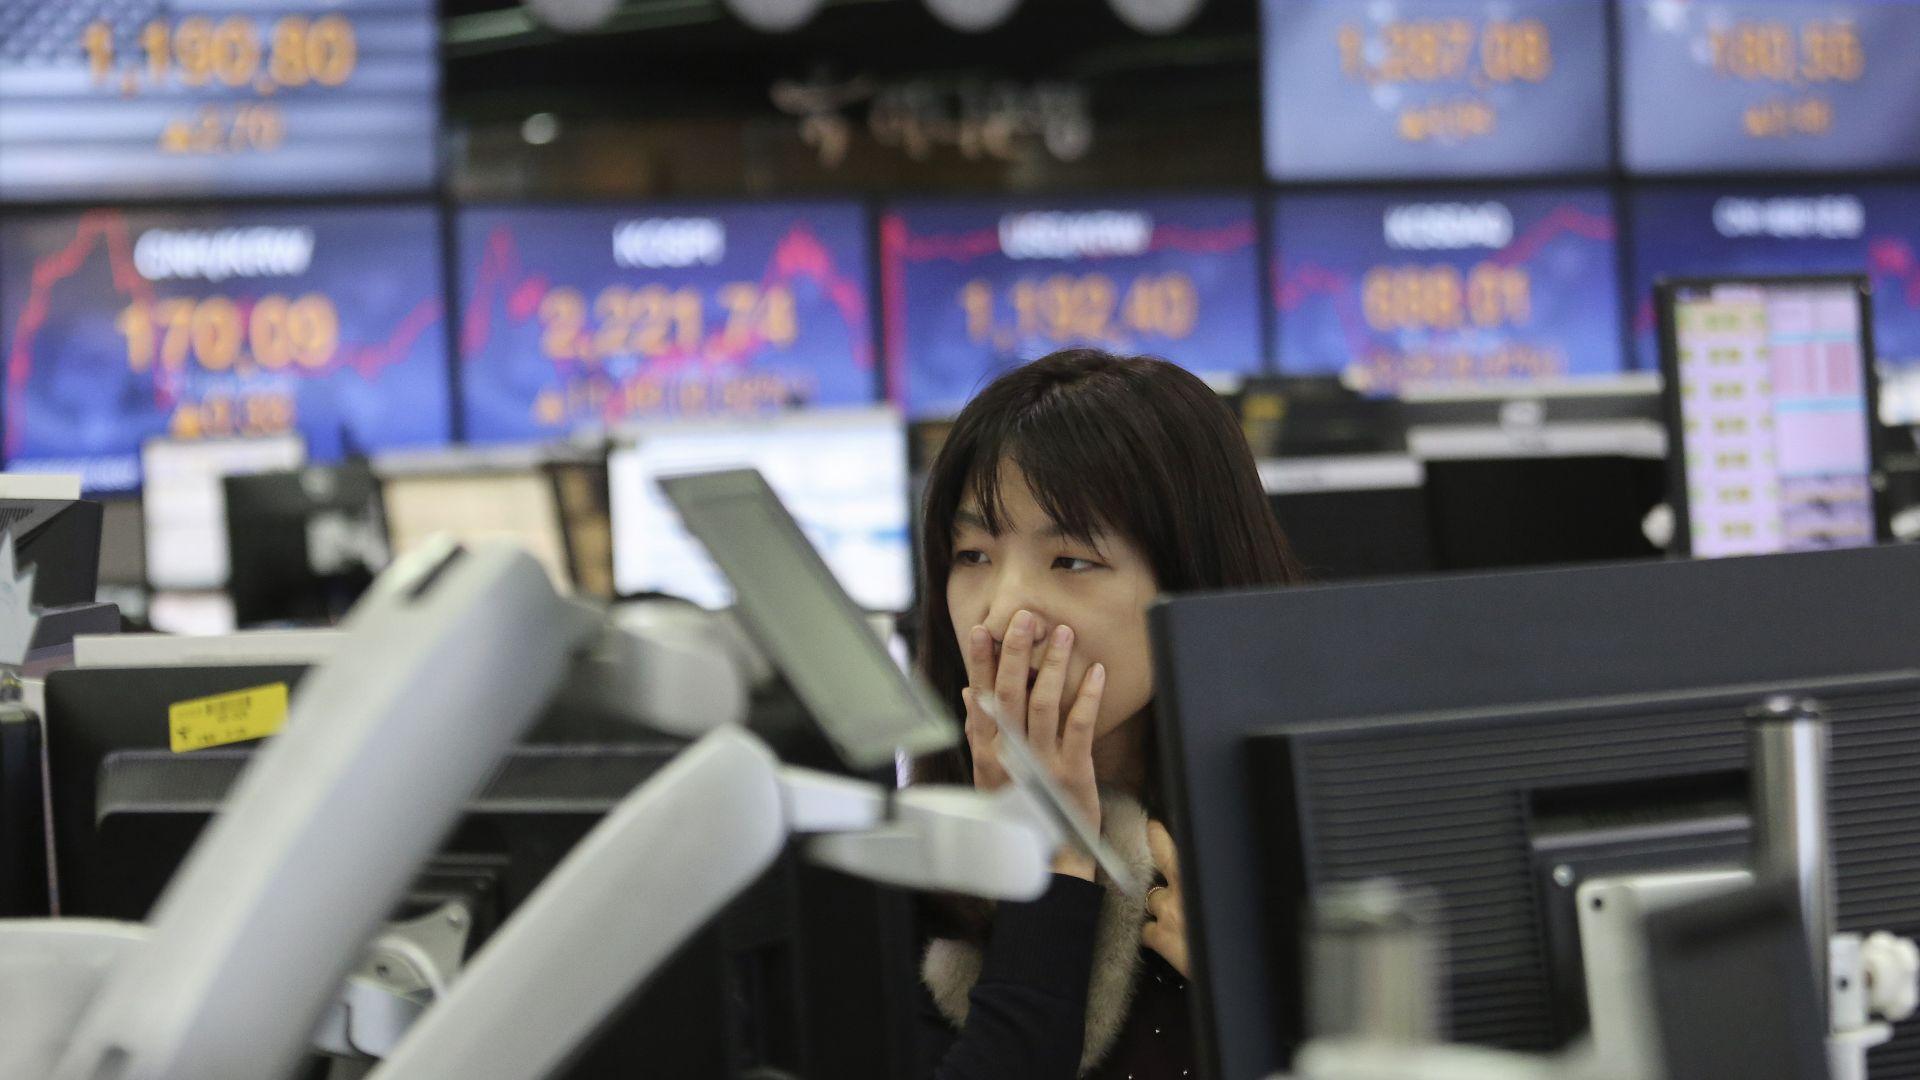 Пазарите в Европа се сринаха, основният удар пое борсата в Милано